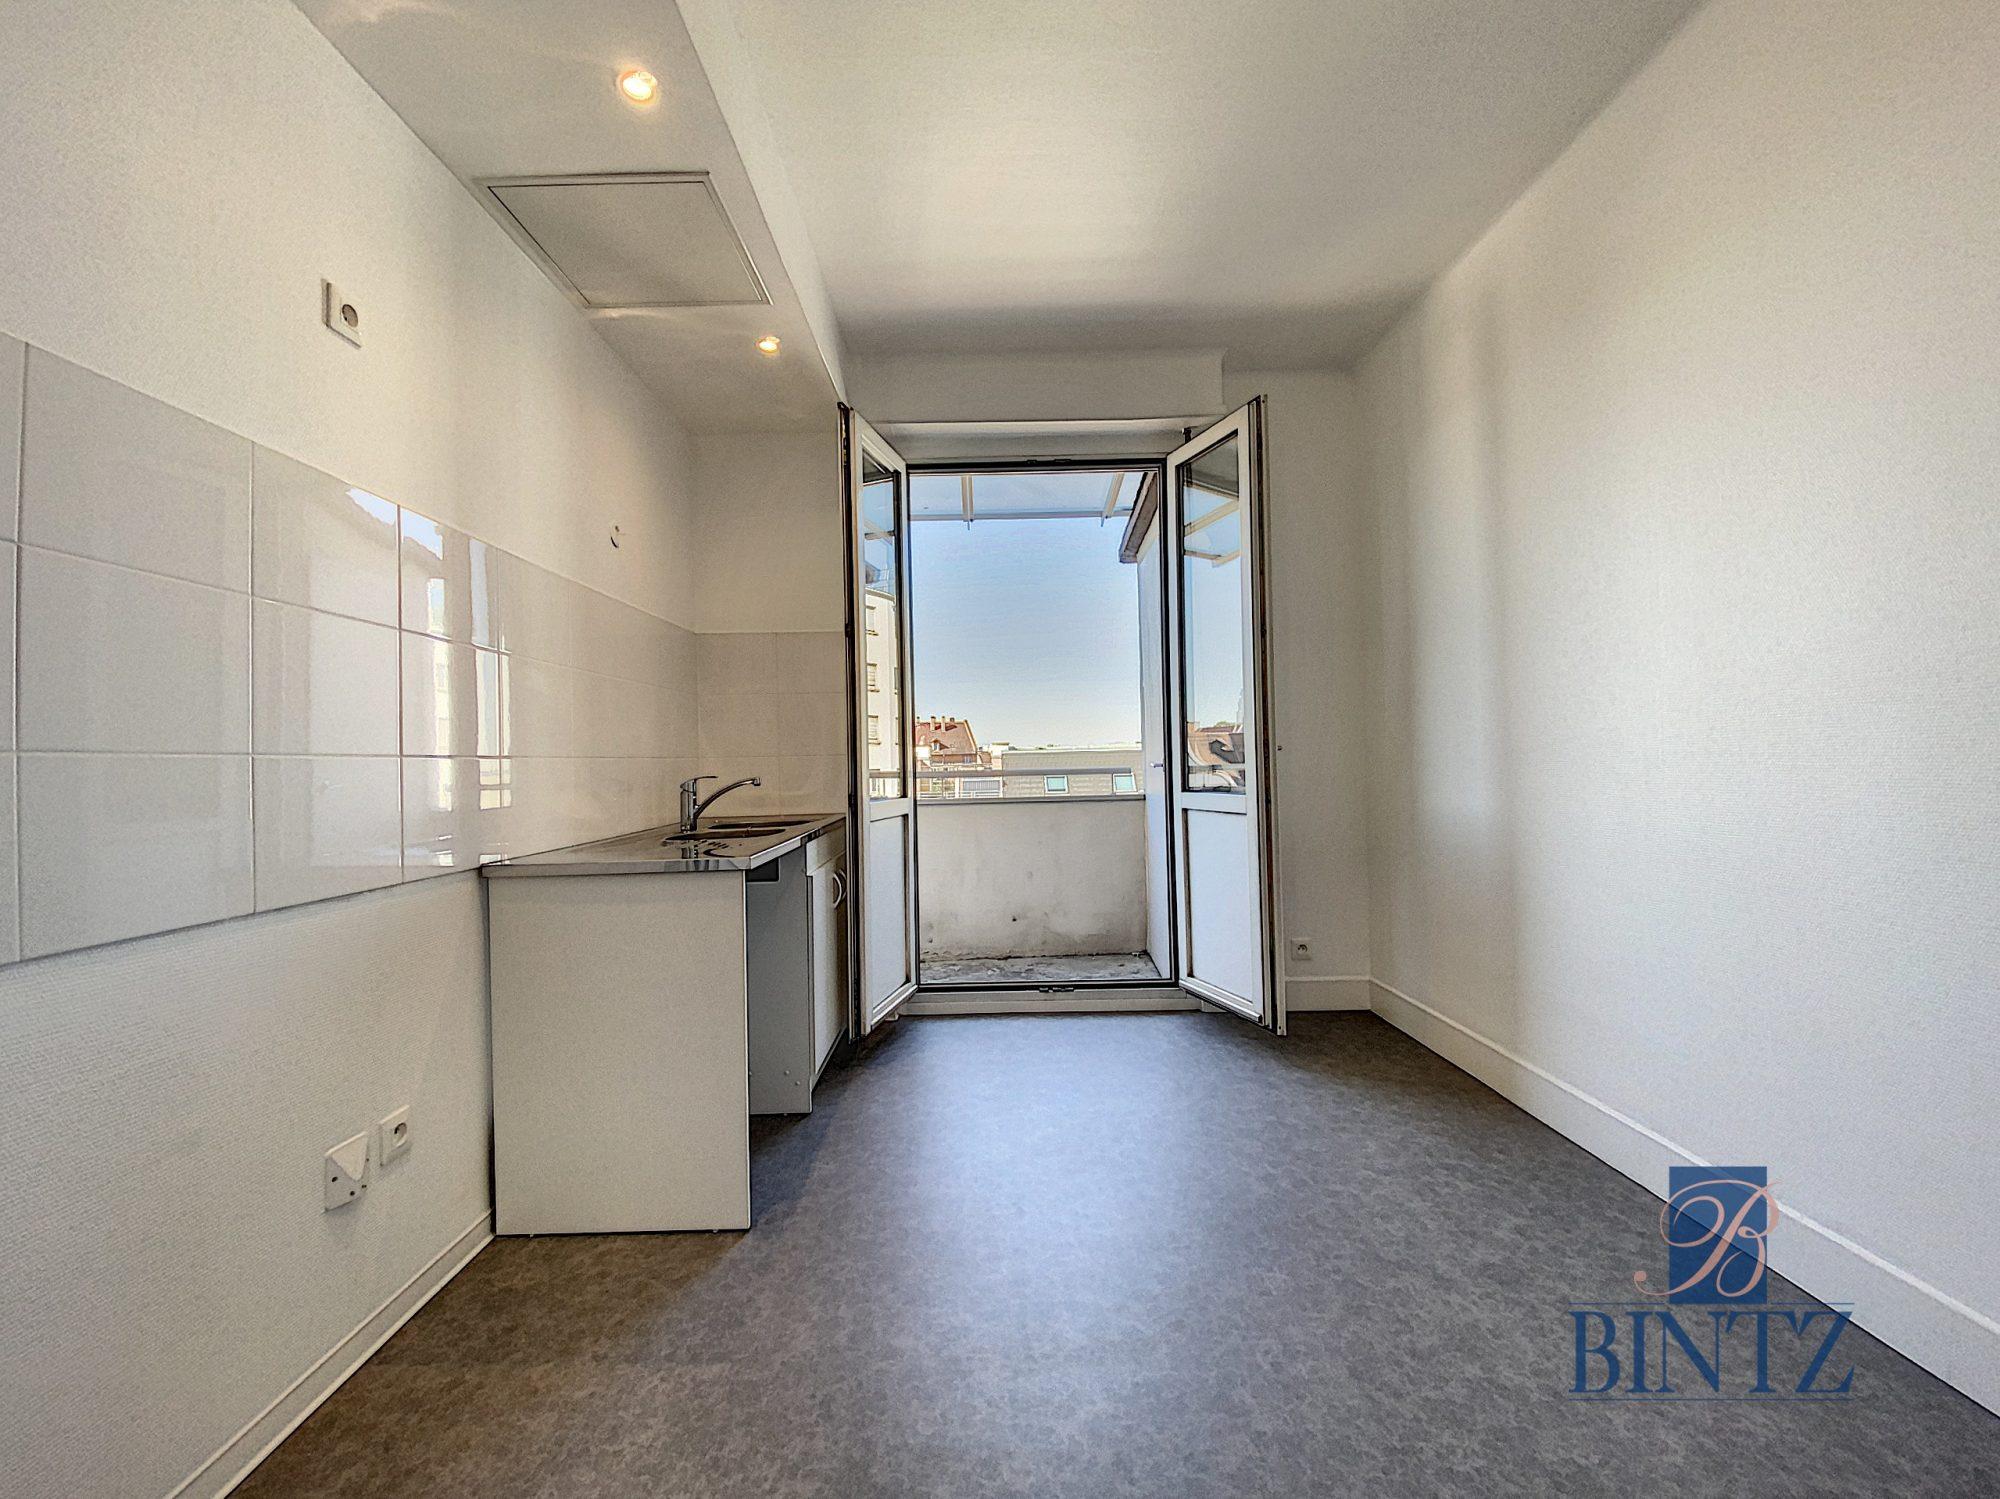 2 PIECES REFAIT A NEUF - Devenez locataire en toute sérénité - Bintz Immobilier - 16